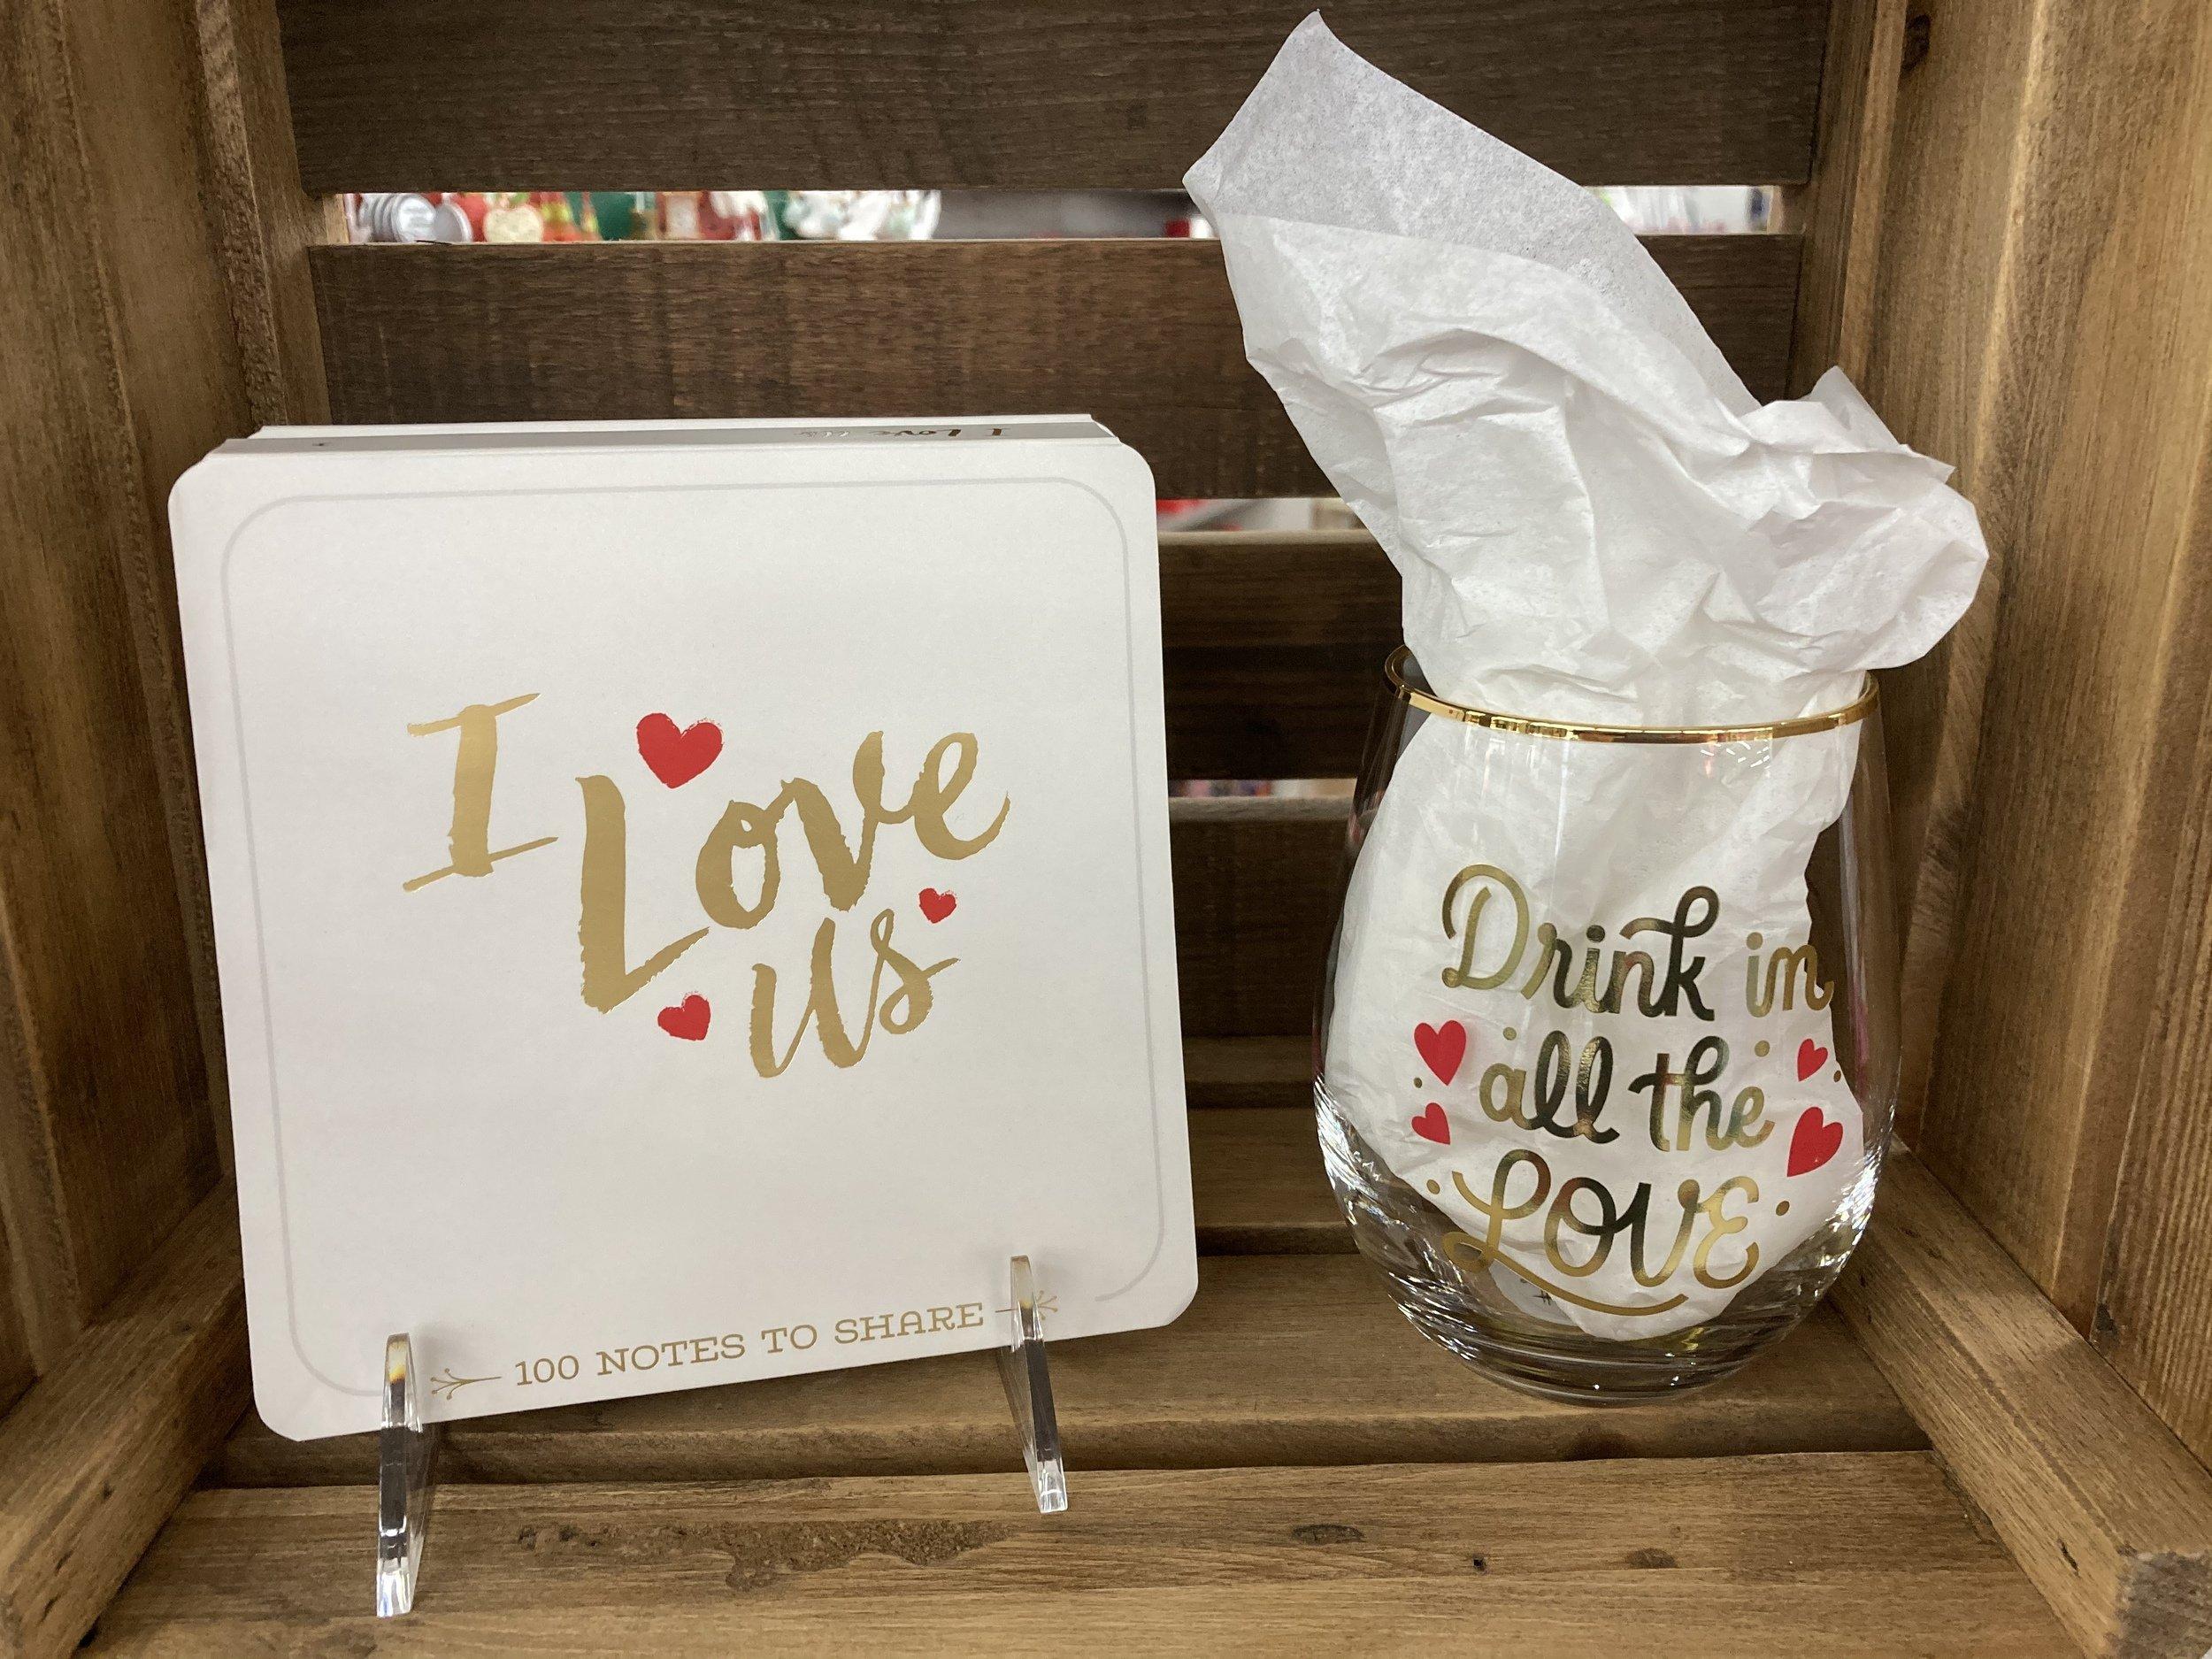 hallmark-gifts-valentine's-day